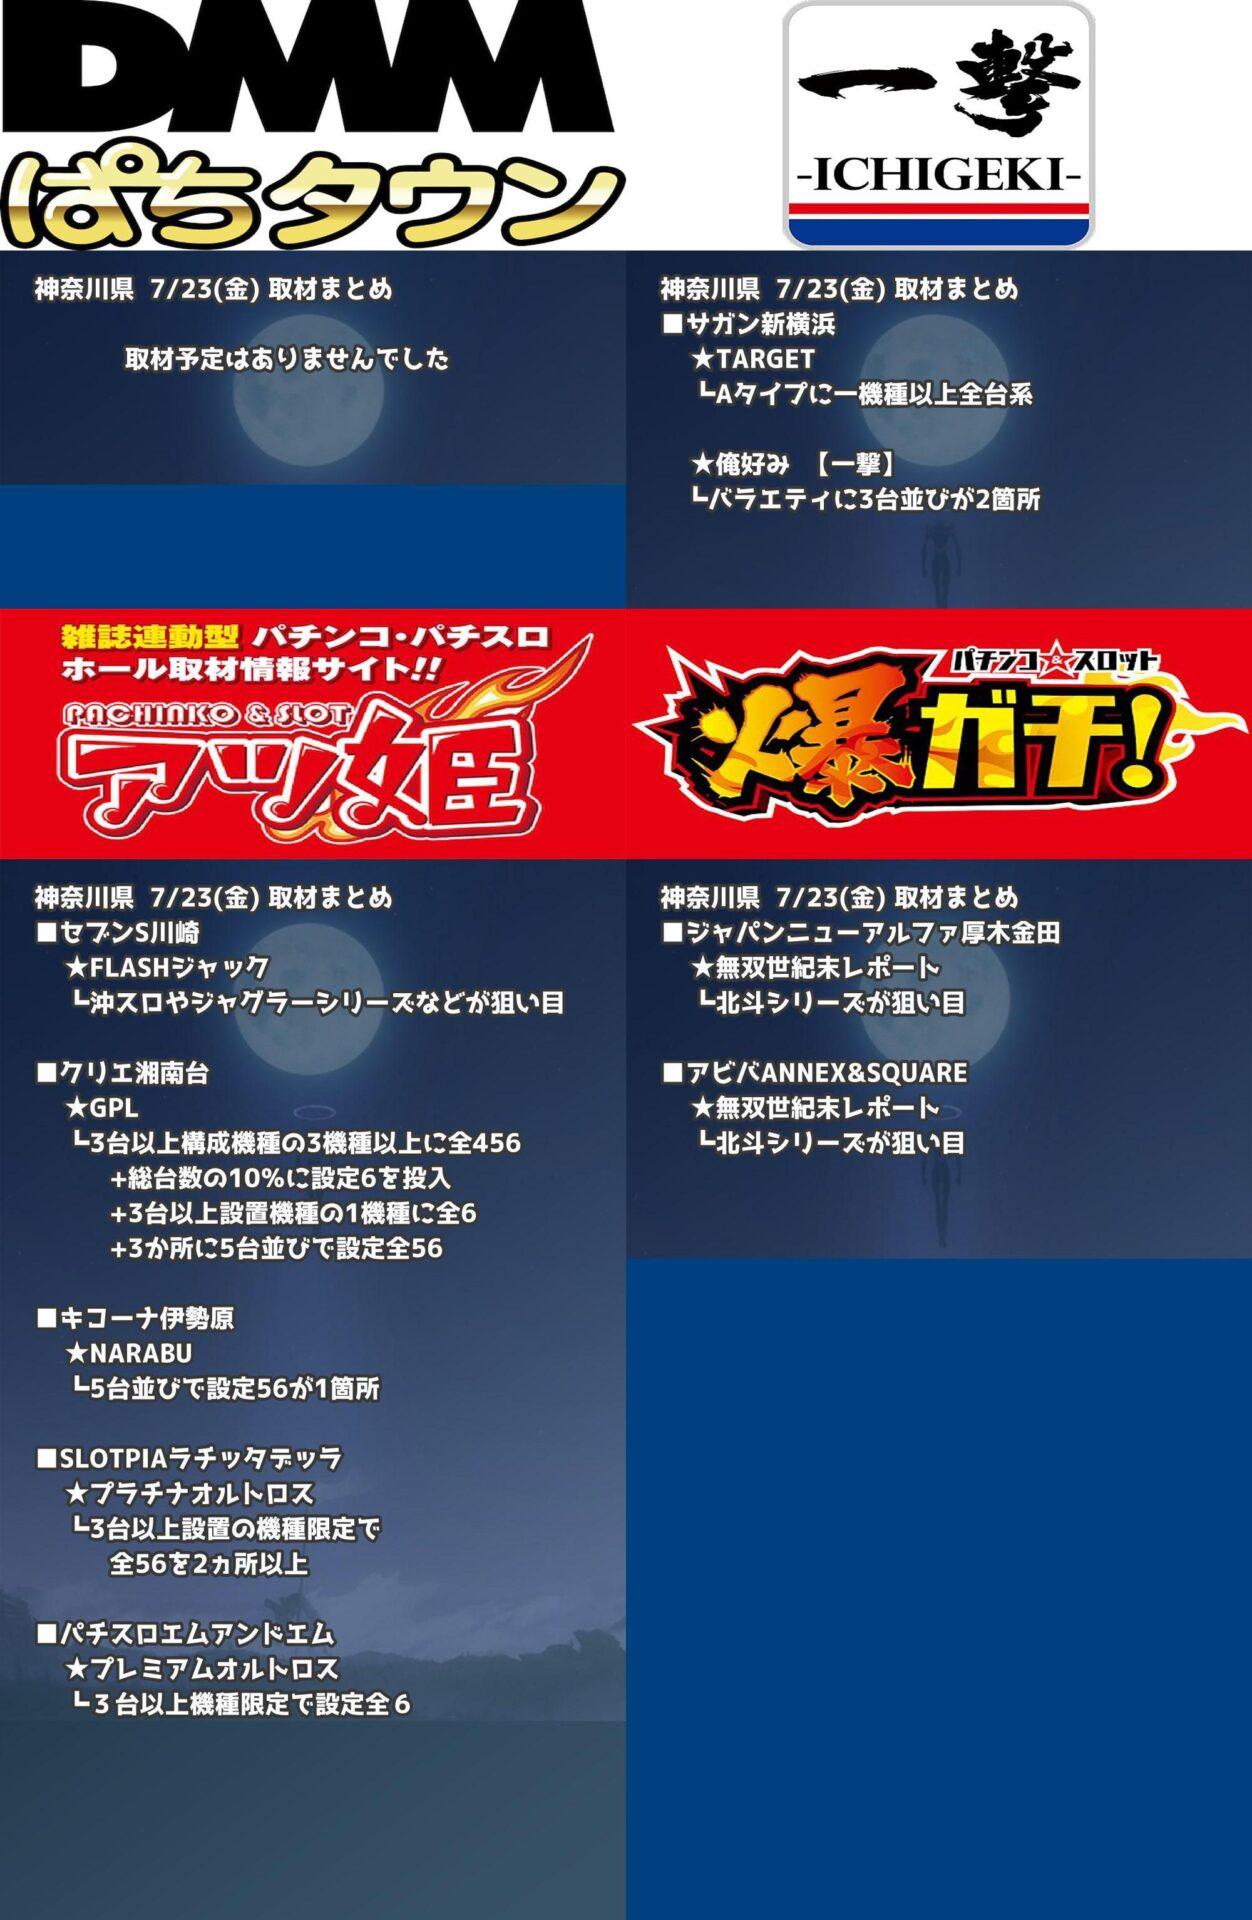 神奈川県_2021-07-23_パチンコ・パチスロ_イベント